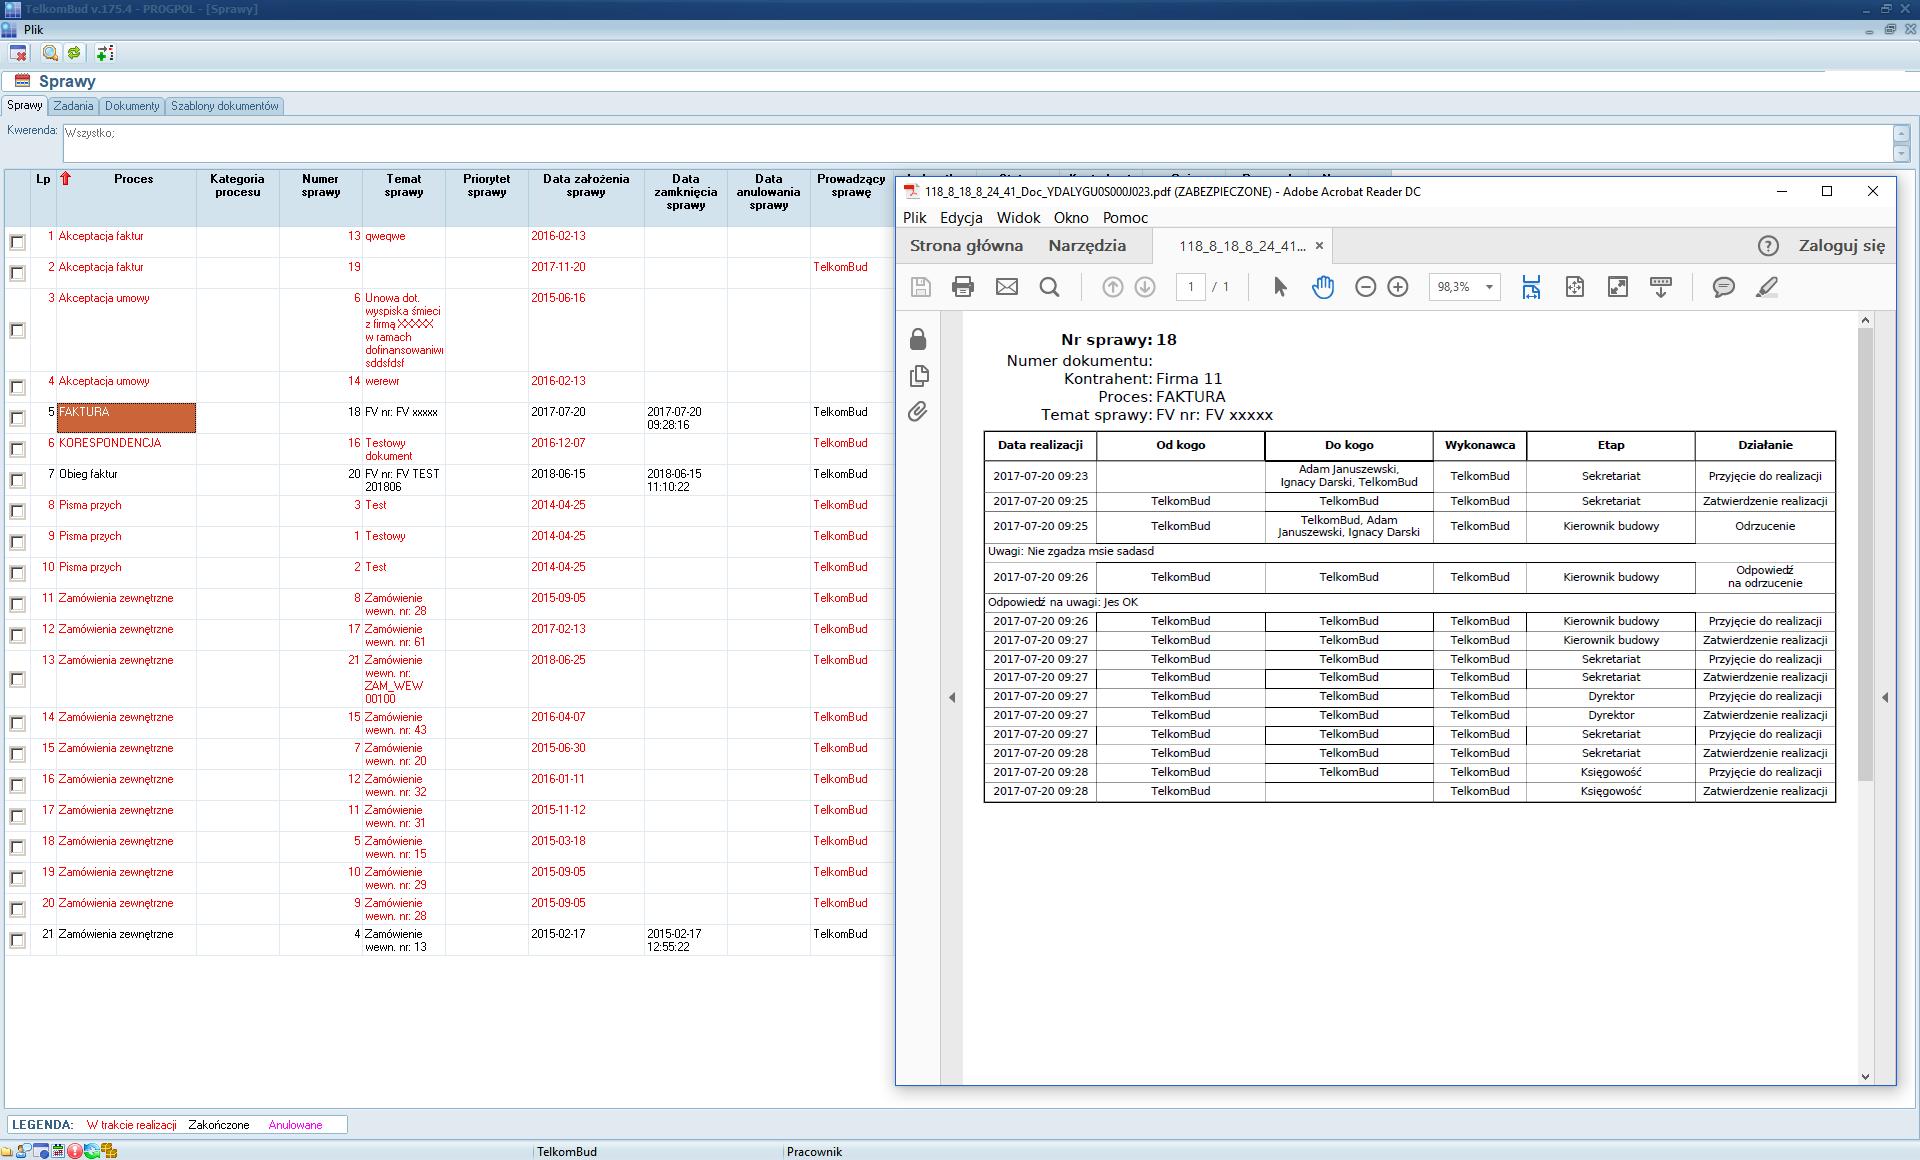 Sprawa w elektronicznym obiegu dokumentów systemu TelkomBud